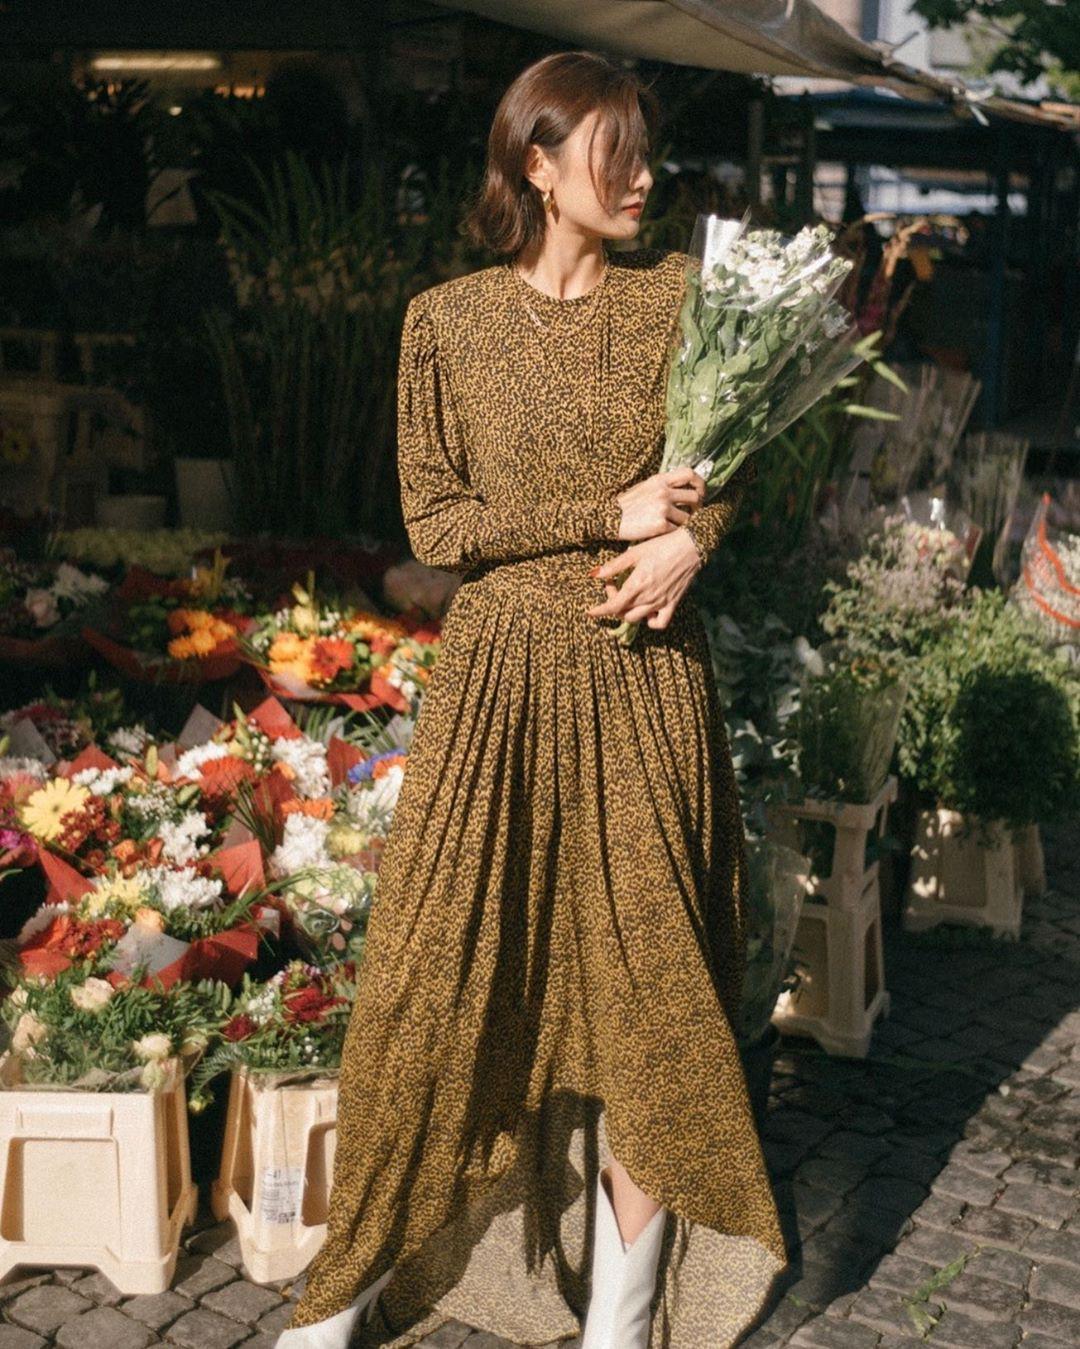 Bỗng thấy không kiểu váy nào vượt qua được váy dáng dài về độ sang chảnh, yêu kiều và hợp rơ với tiết trời se lạnh - Ảnh 8